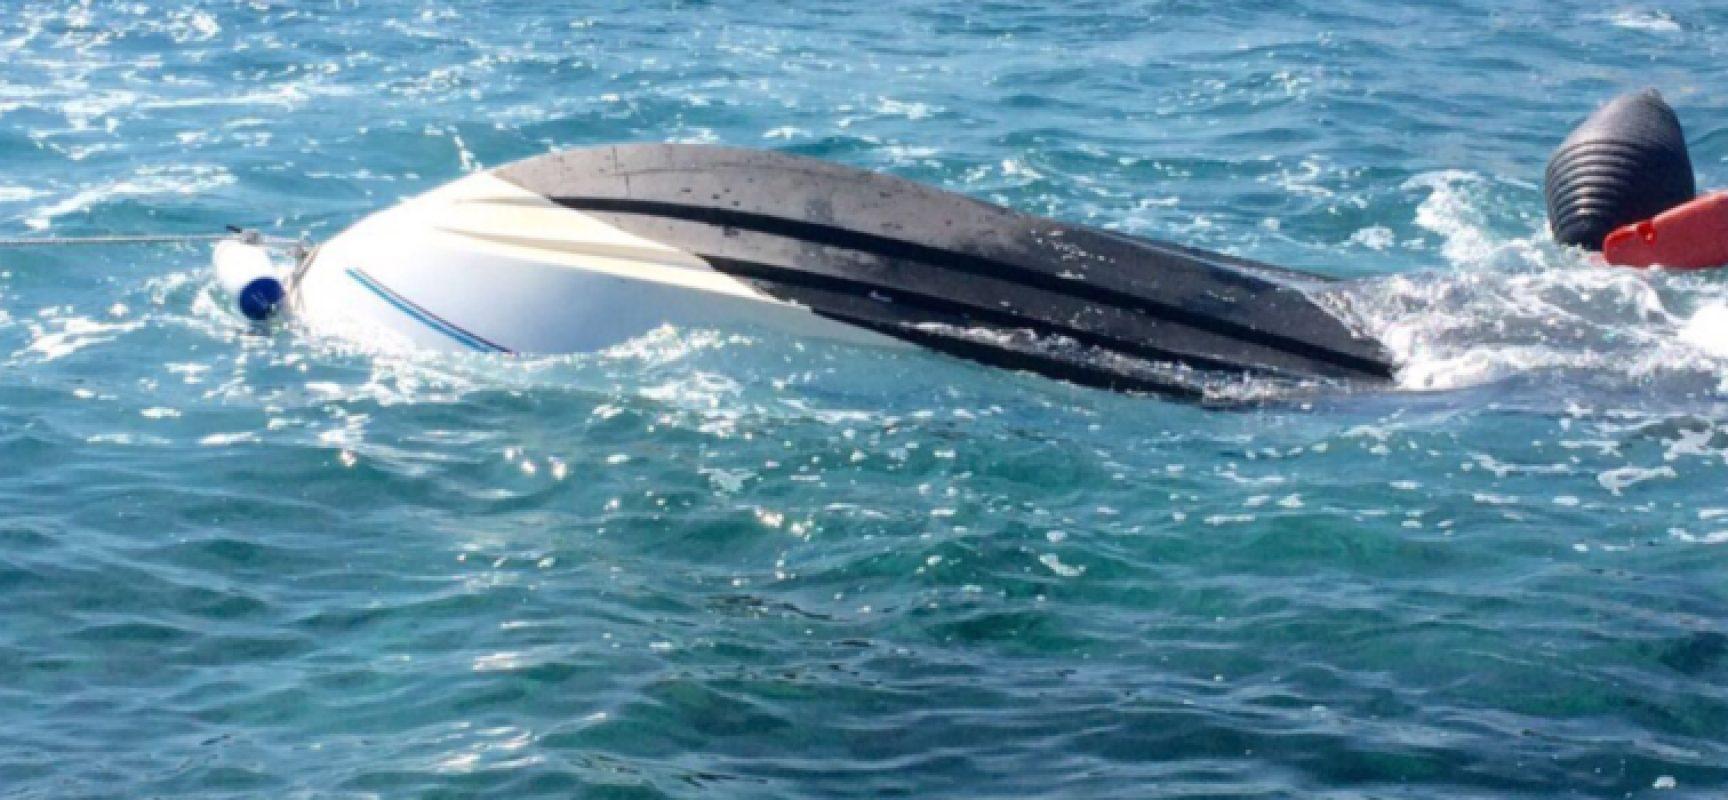 Isole Tremiti attimi di terrore, affonda barca salvate 6 persone tra cui un bambino